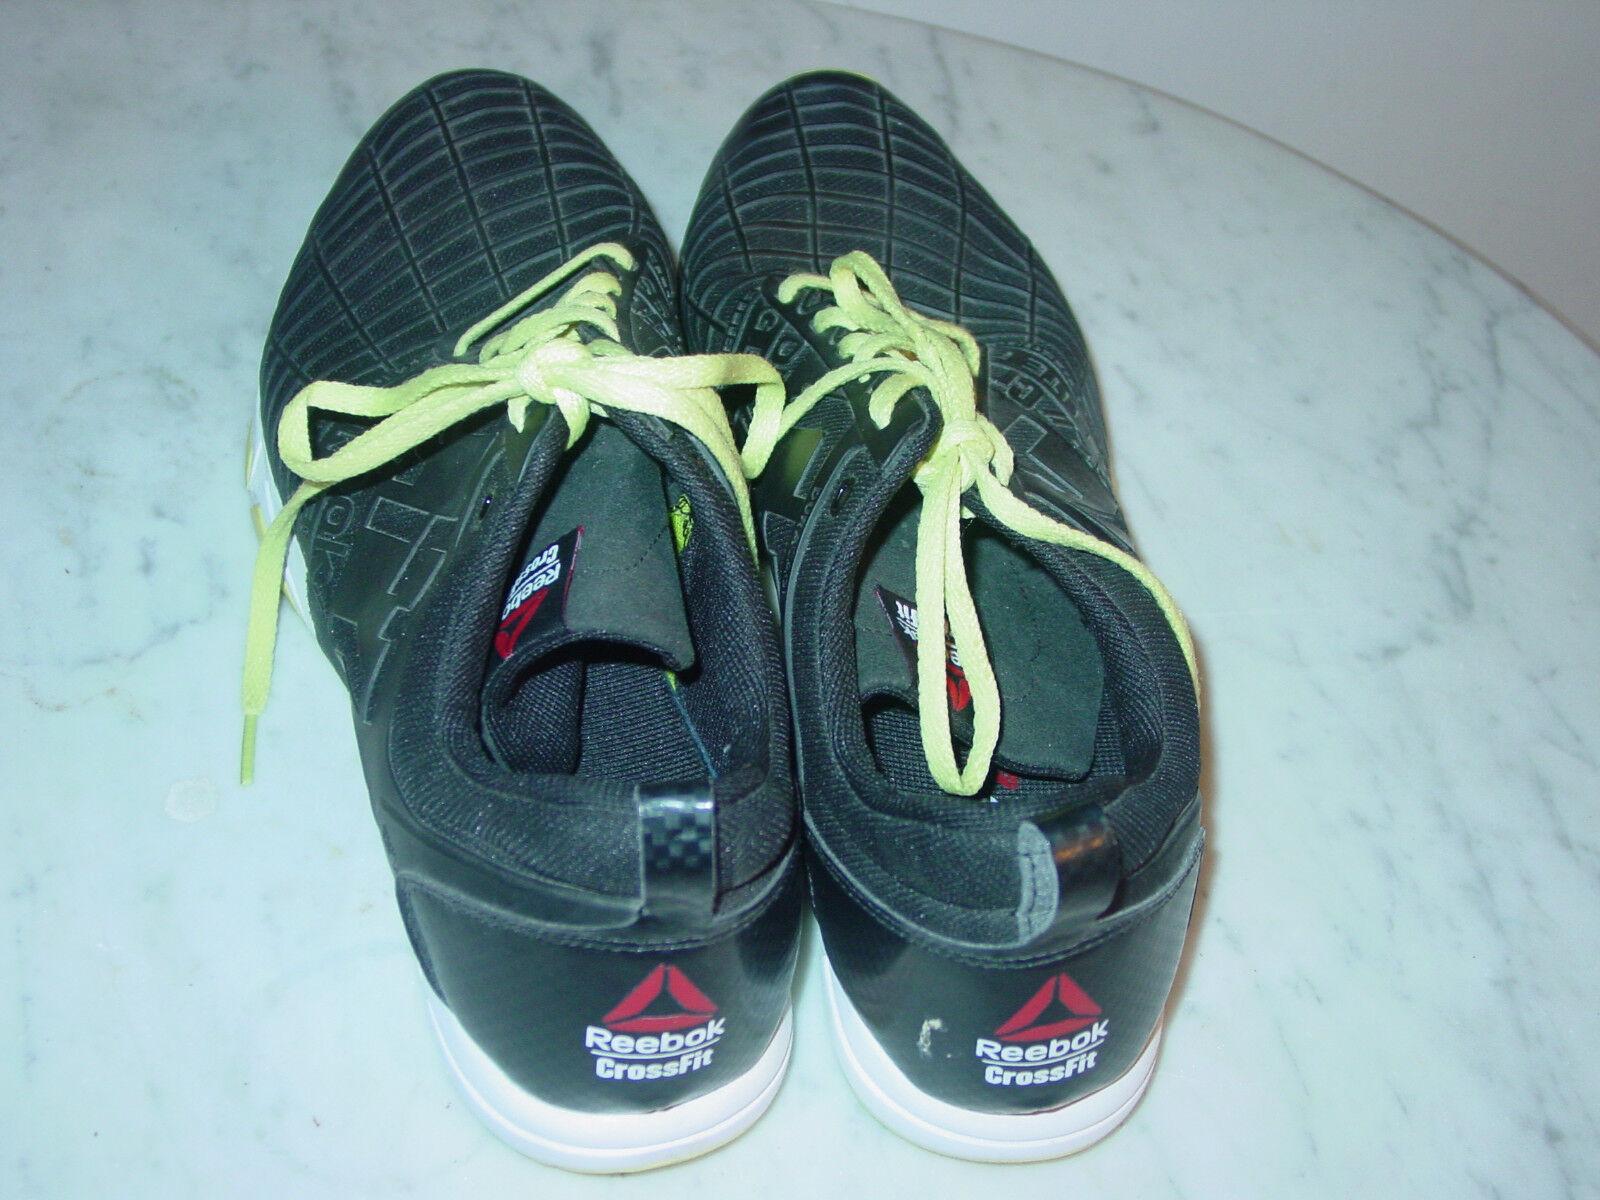 42cc13923c7 Reebok Crossfit Sprint TR Mens Training Shoes Black white M42687 13 ...